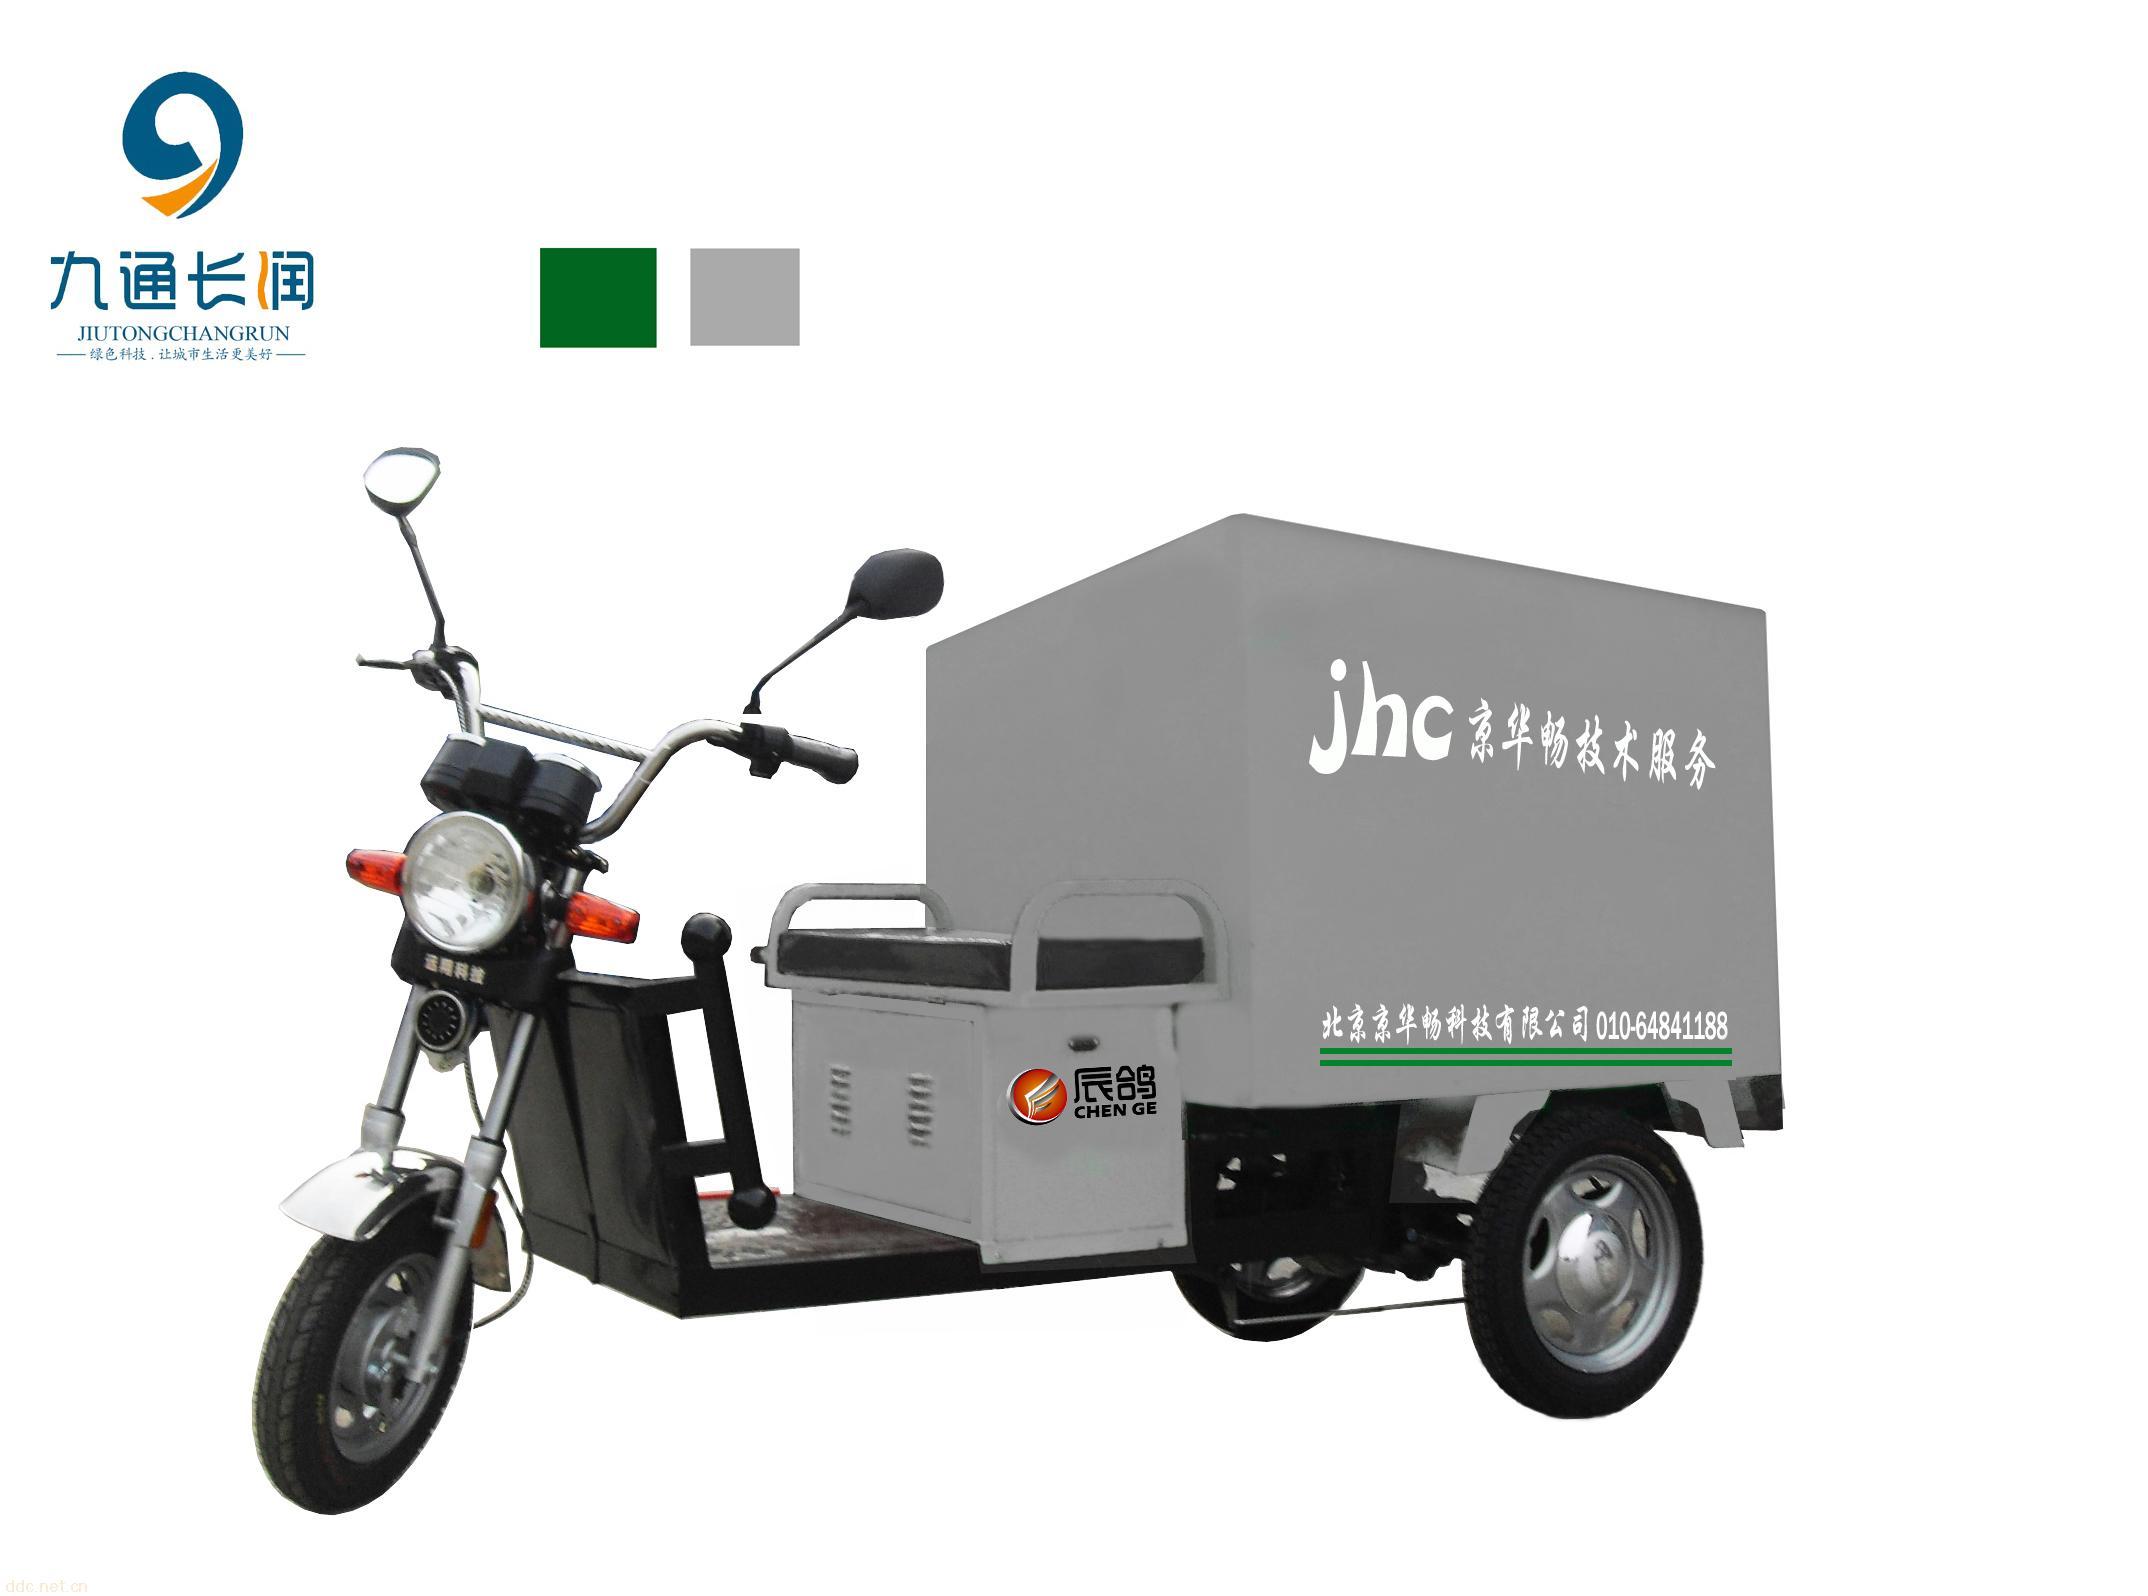 专用电动三轮车-北京九通长润动力科技有限公司